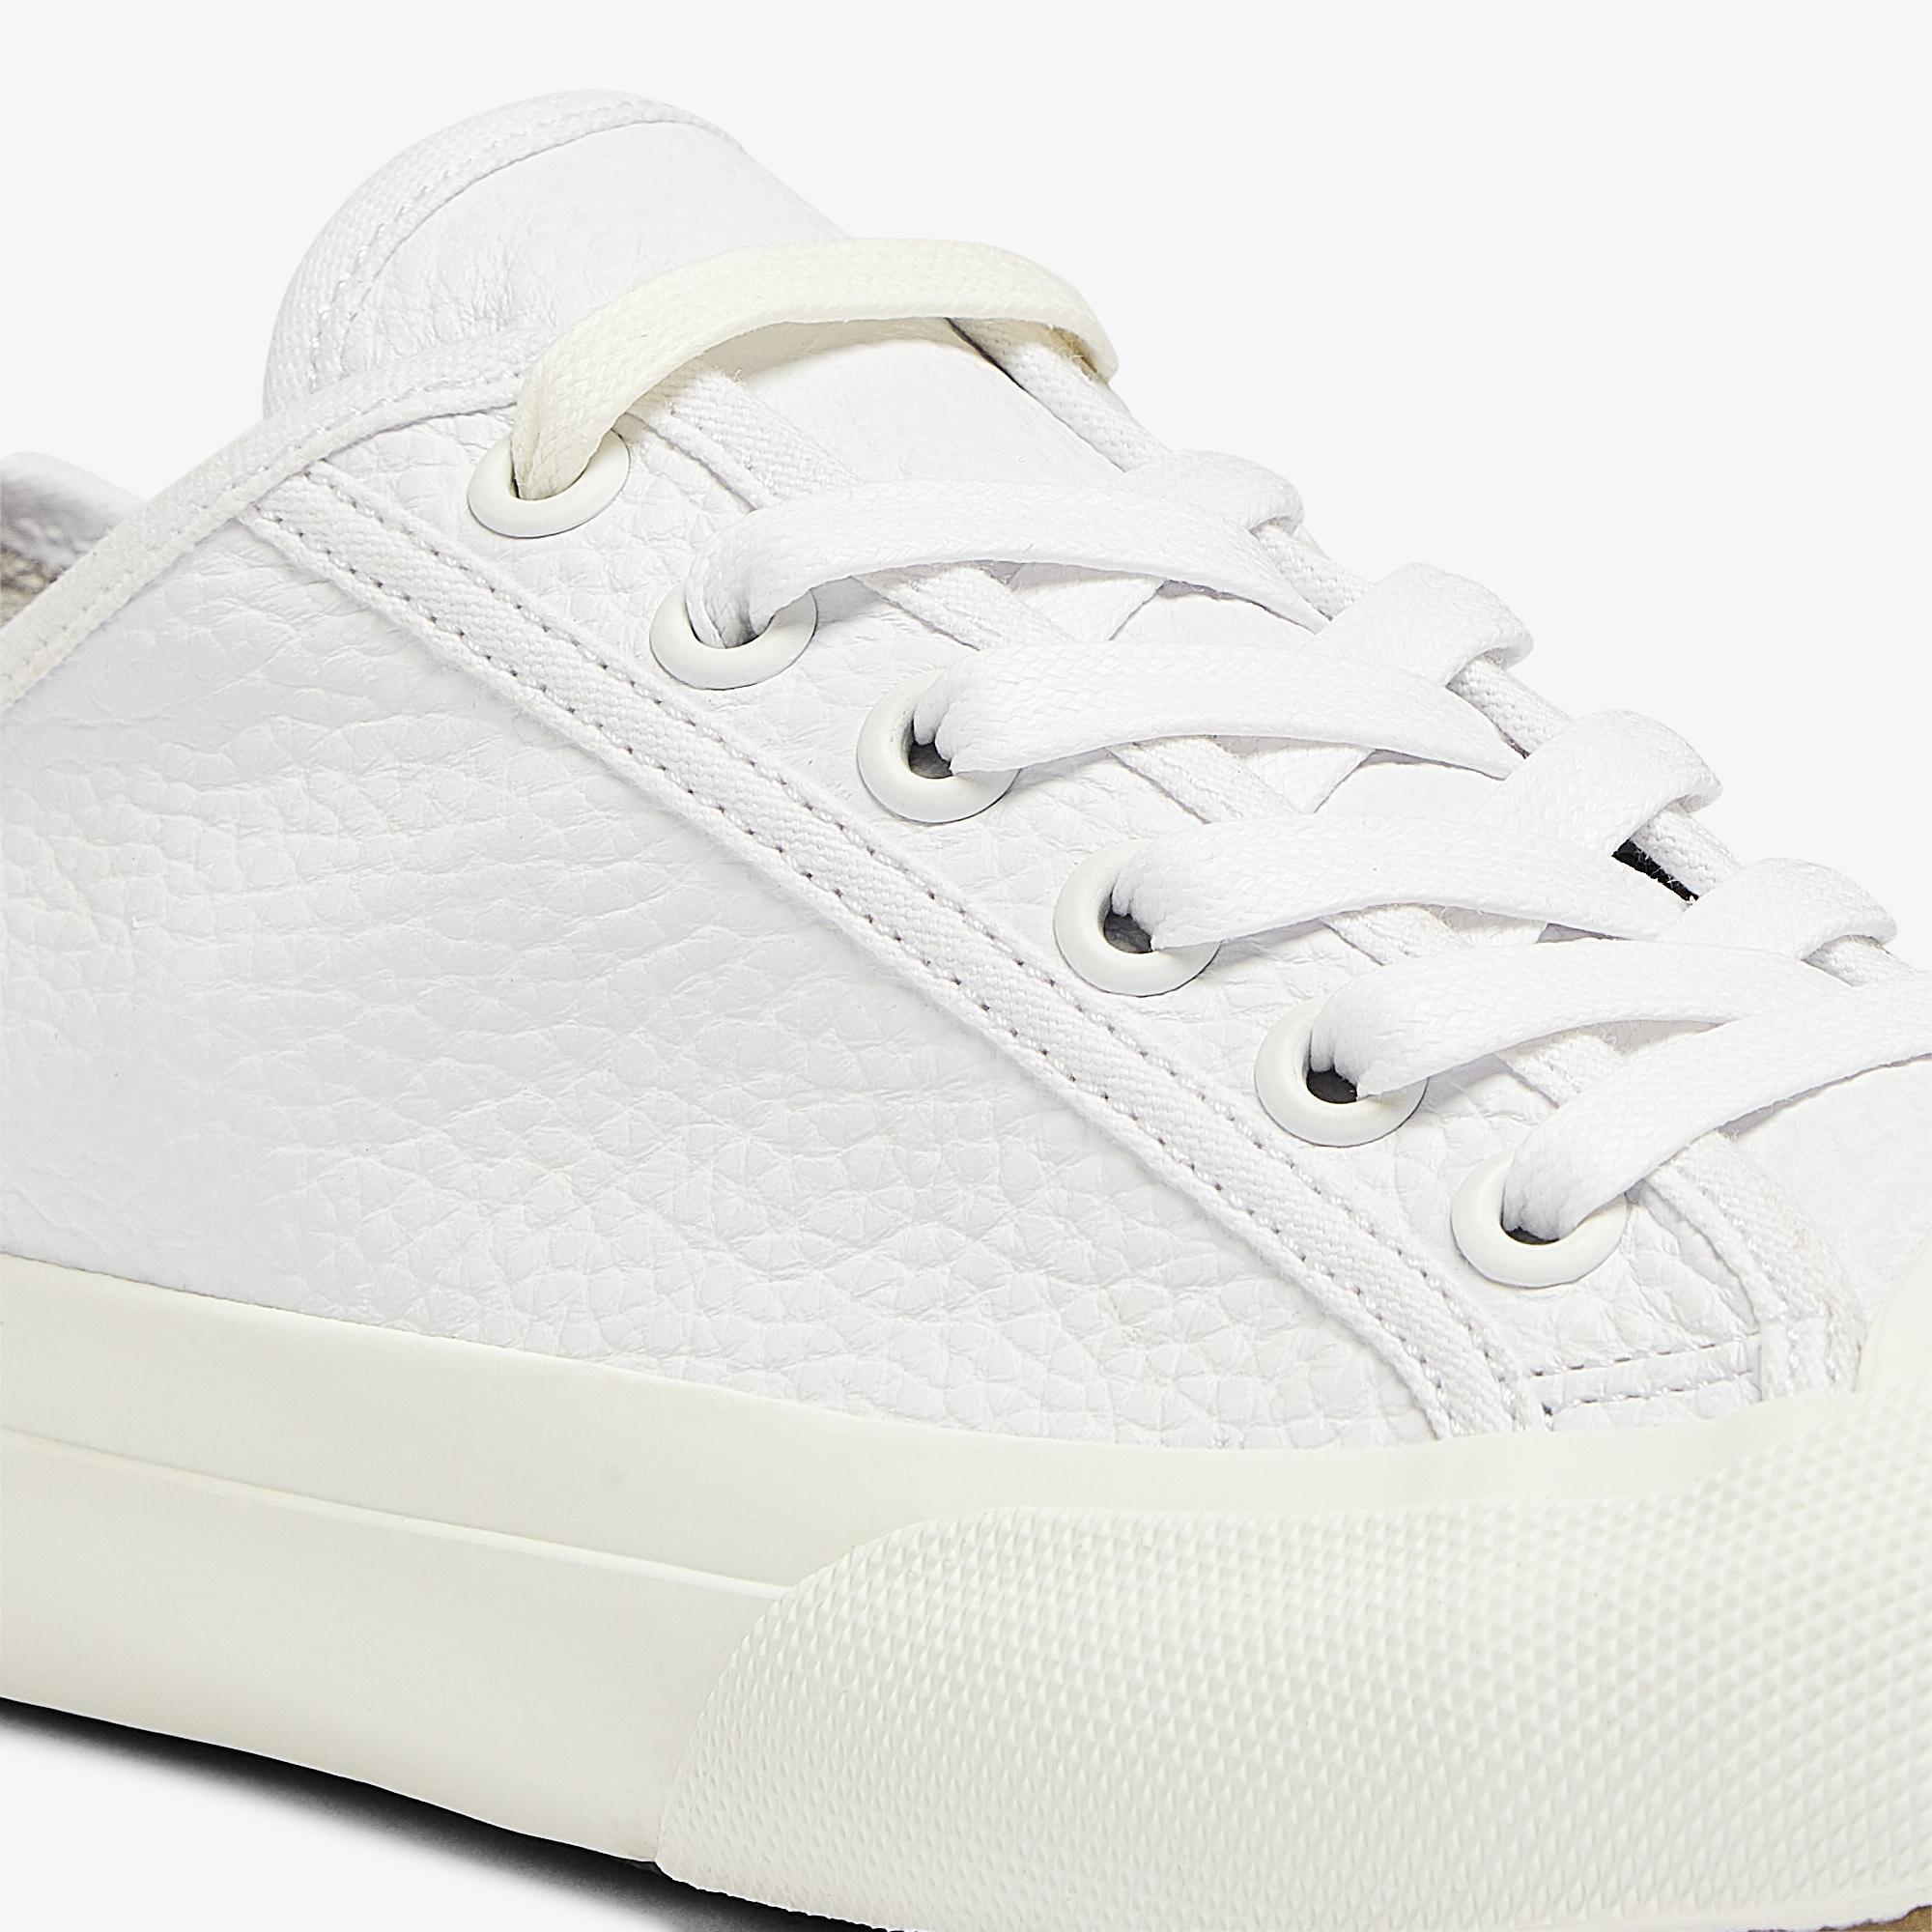 Lacoste Women's Topskıll 0721 1 Cfa Shoes